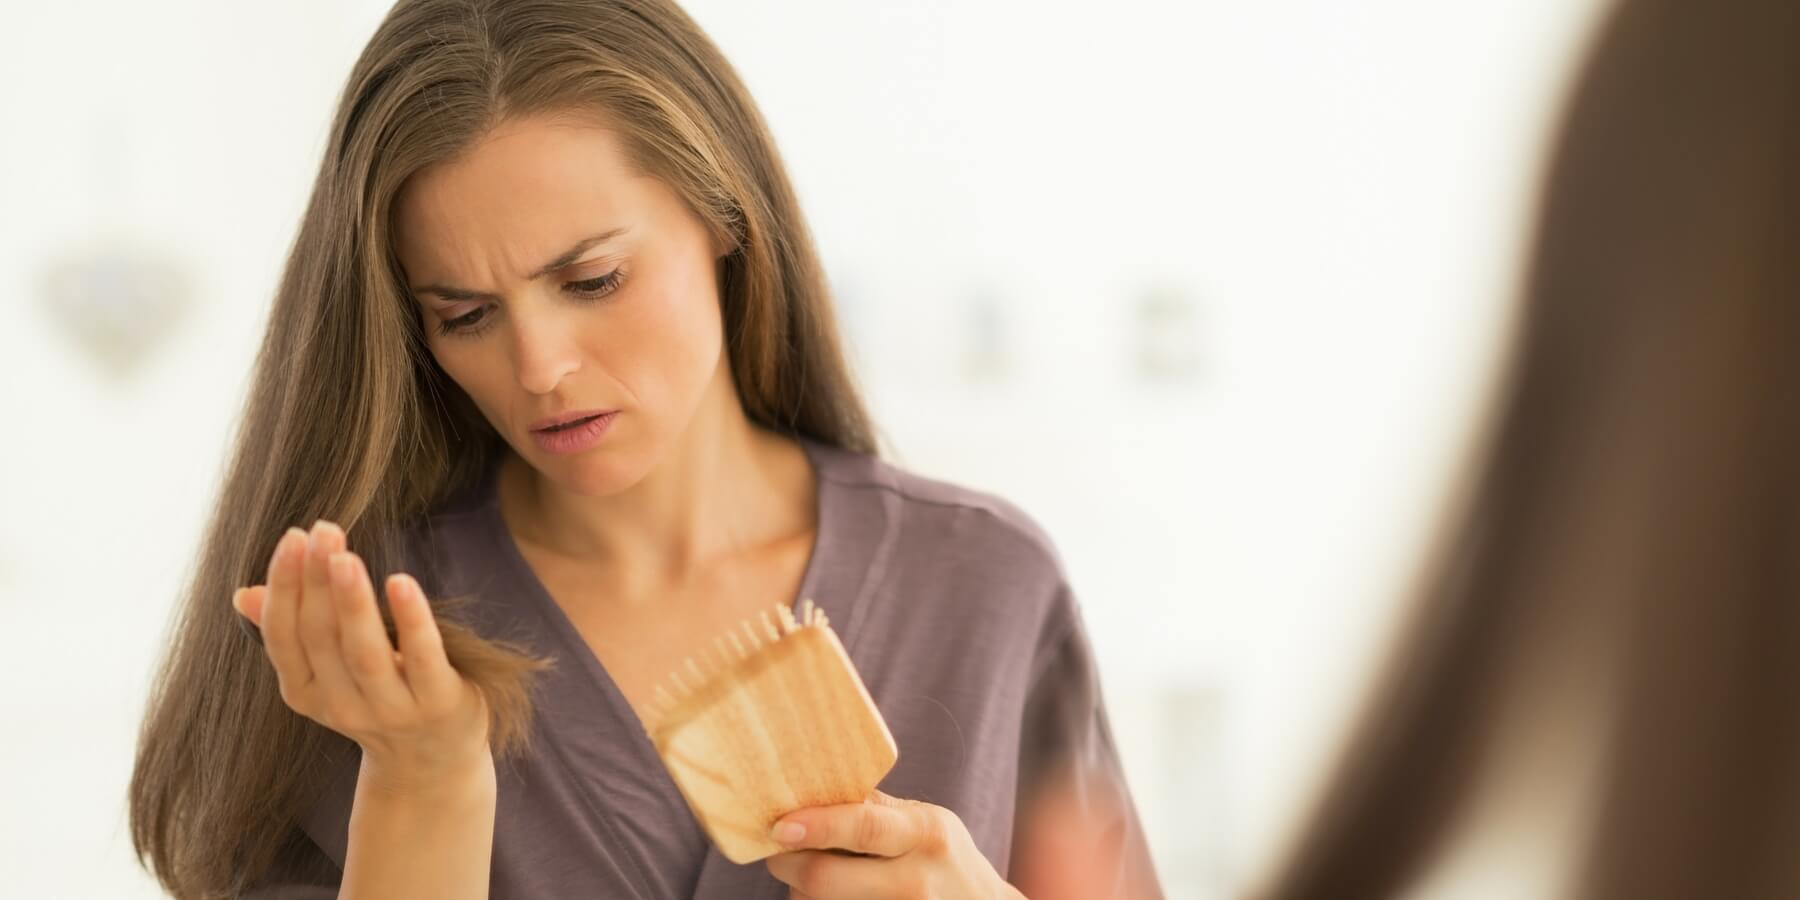 выпадение волос из-за дефицита железа